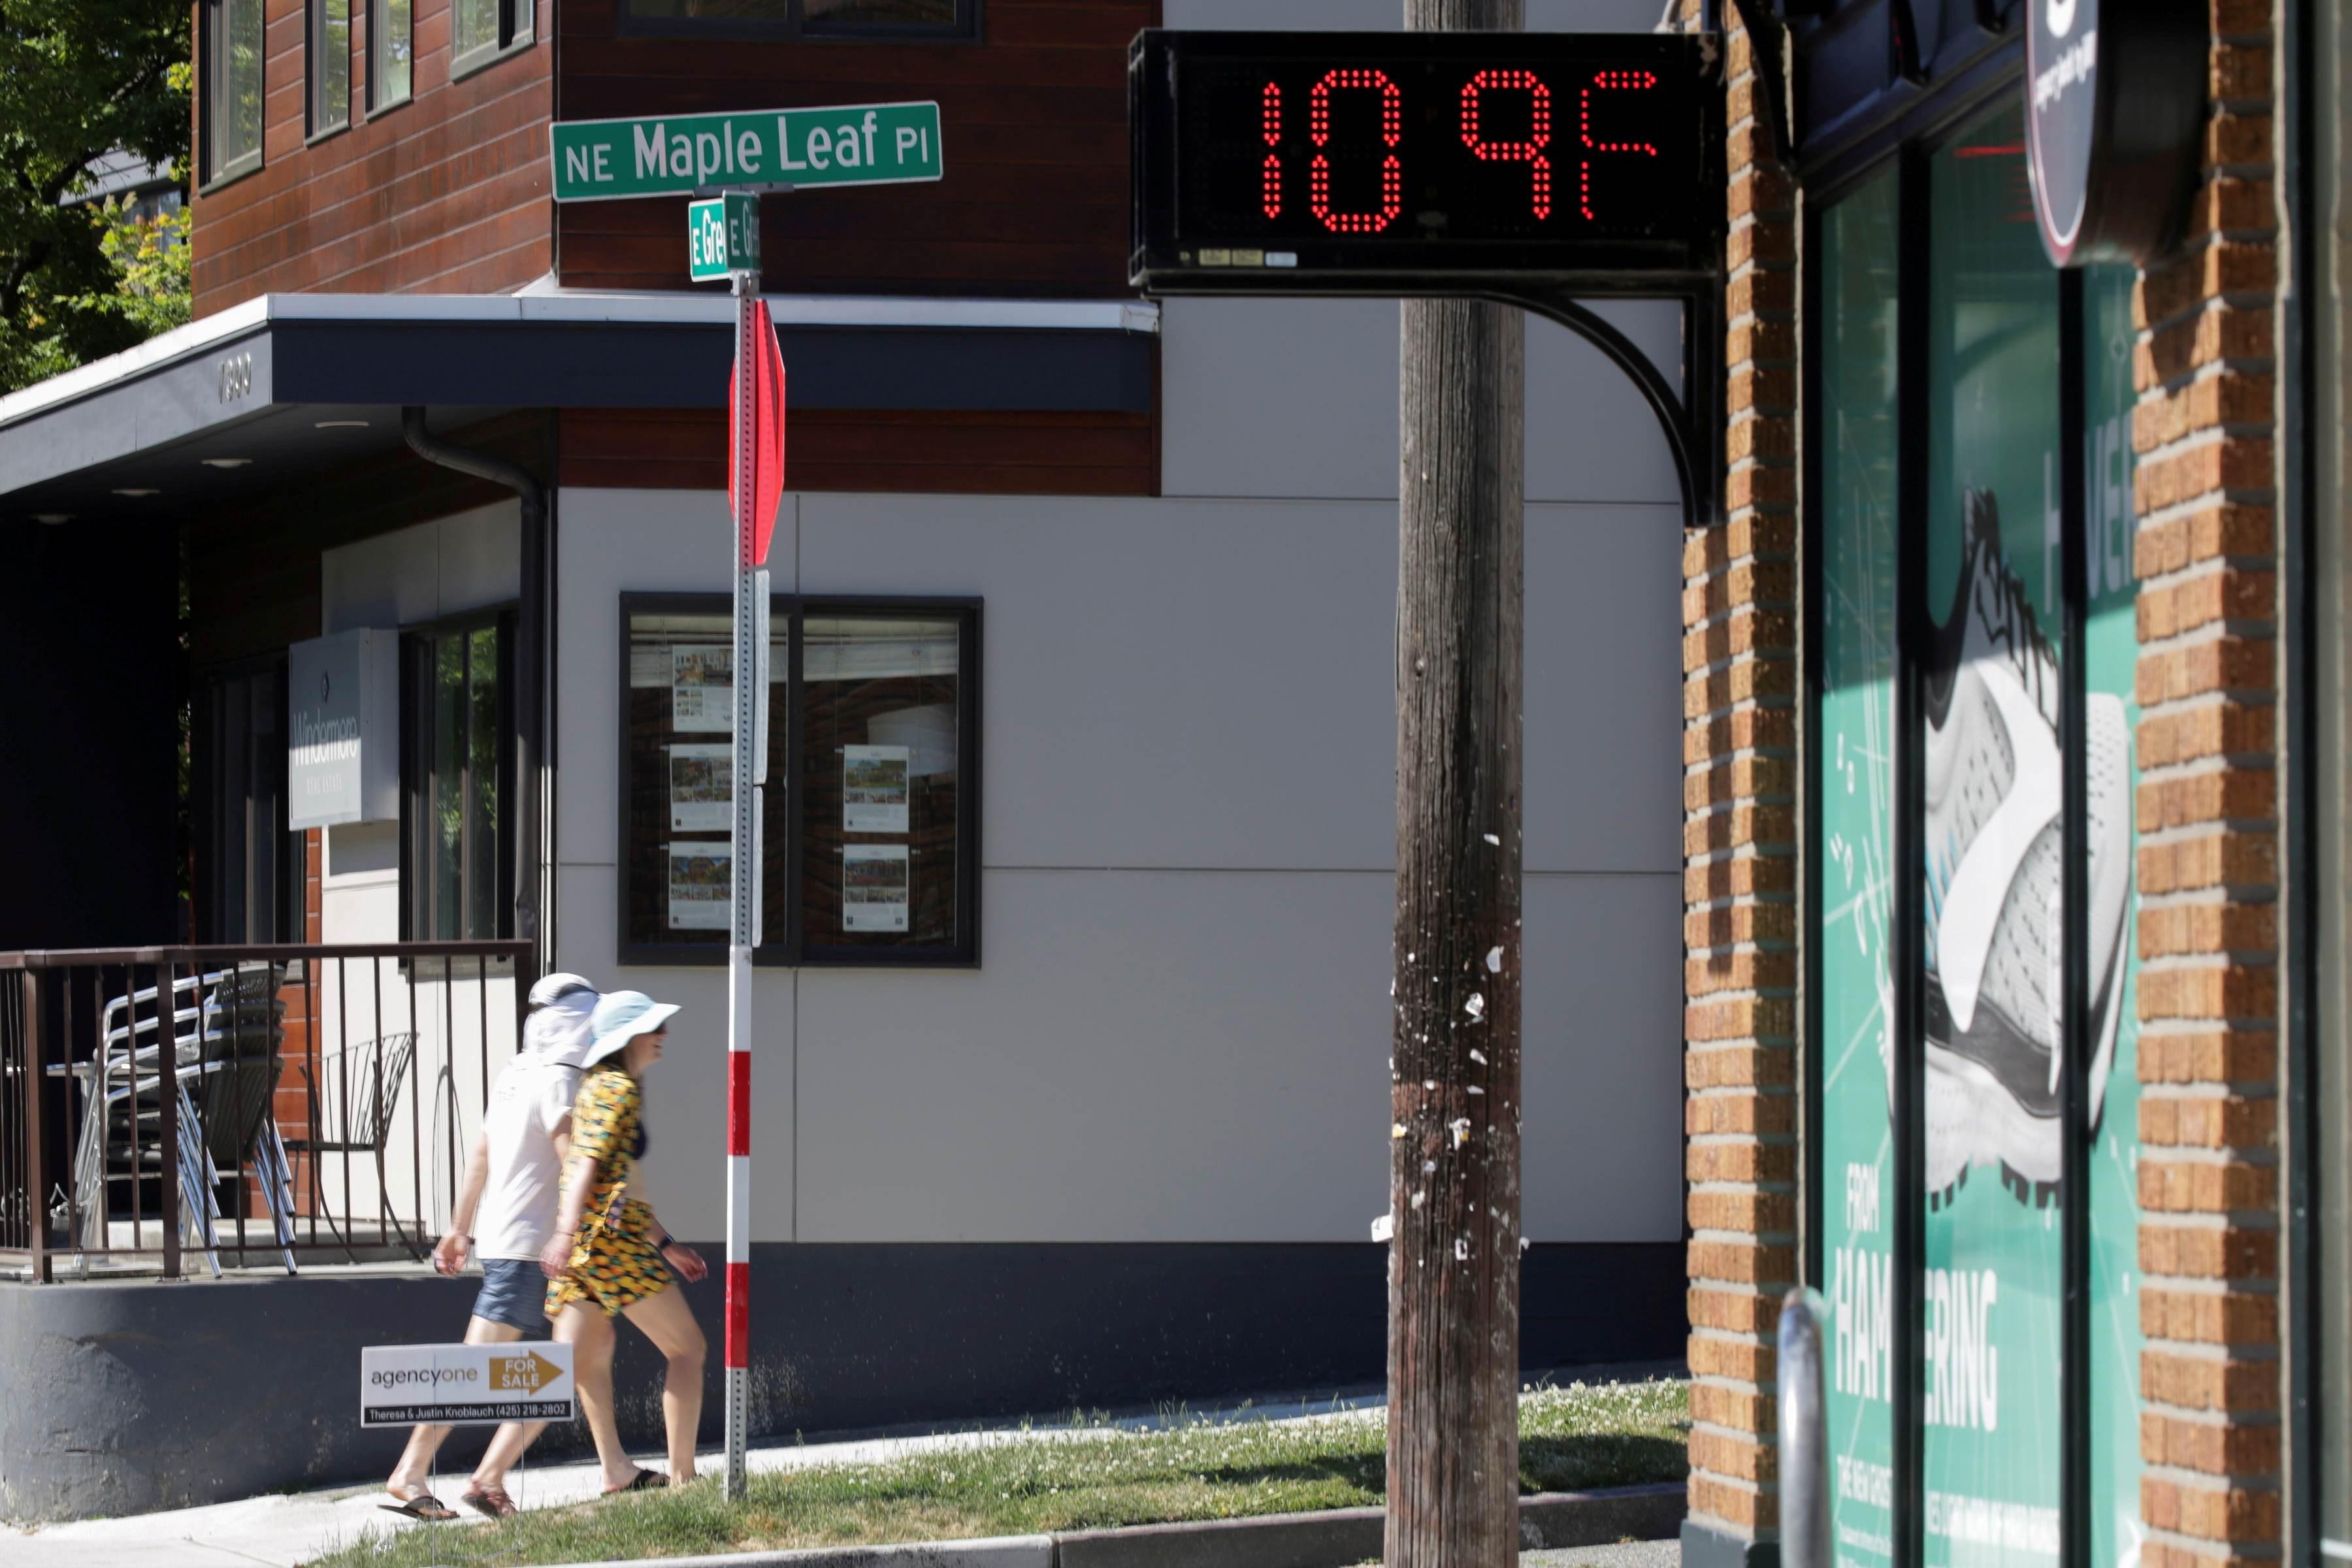 Termômetro marca 109ºF, o equivalente a 42,7ºC, em Seattle, nos EUA